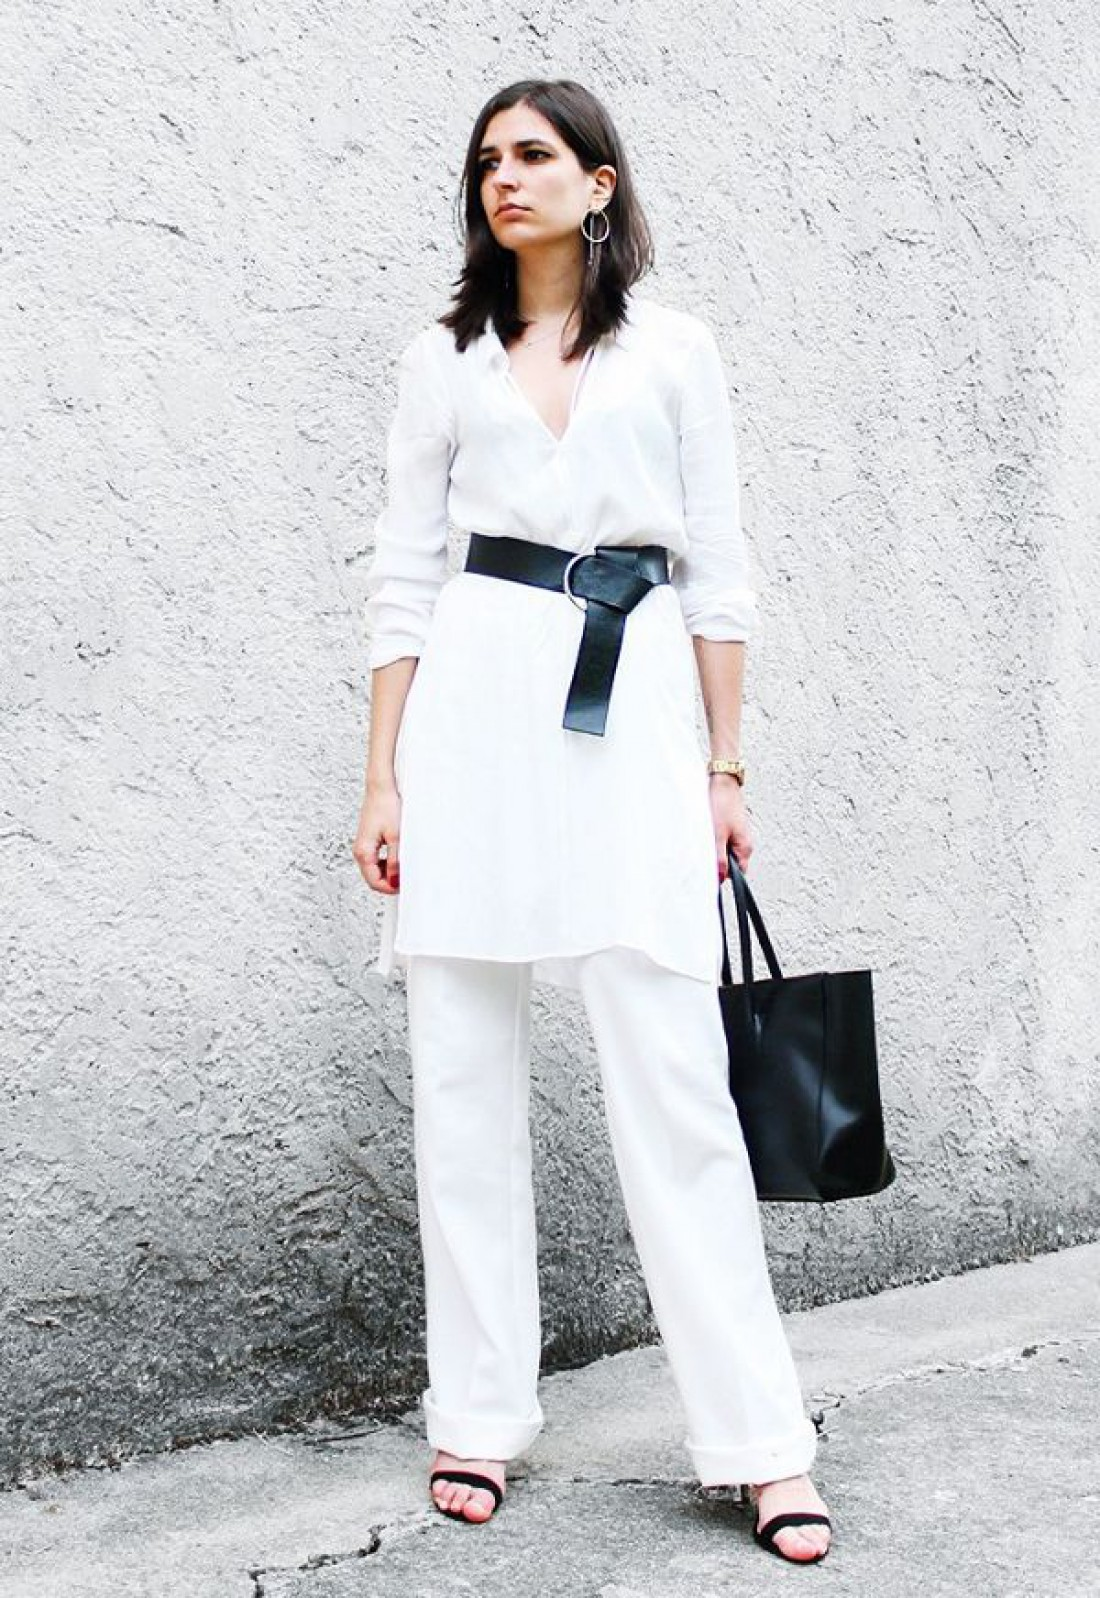 7cbbcf6e3d2 Одеваться как француженка  основные правила - Тренды моды